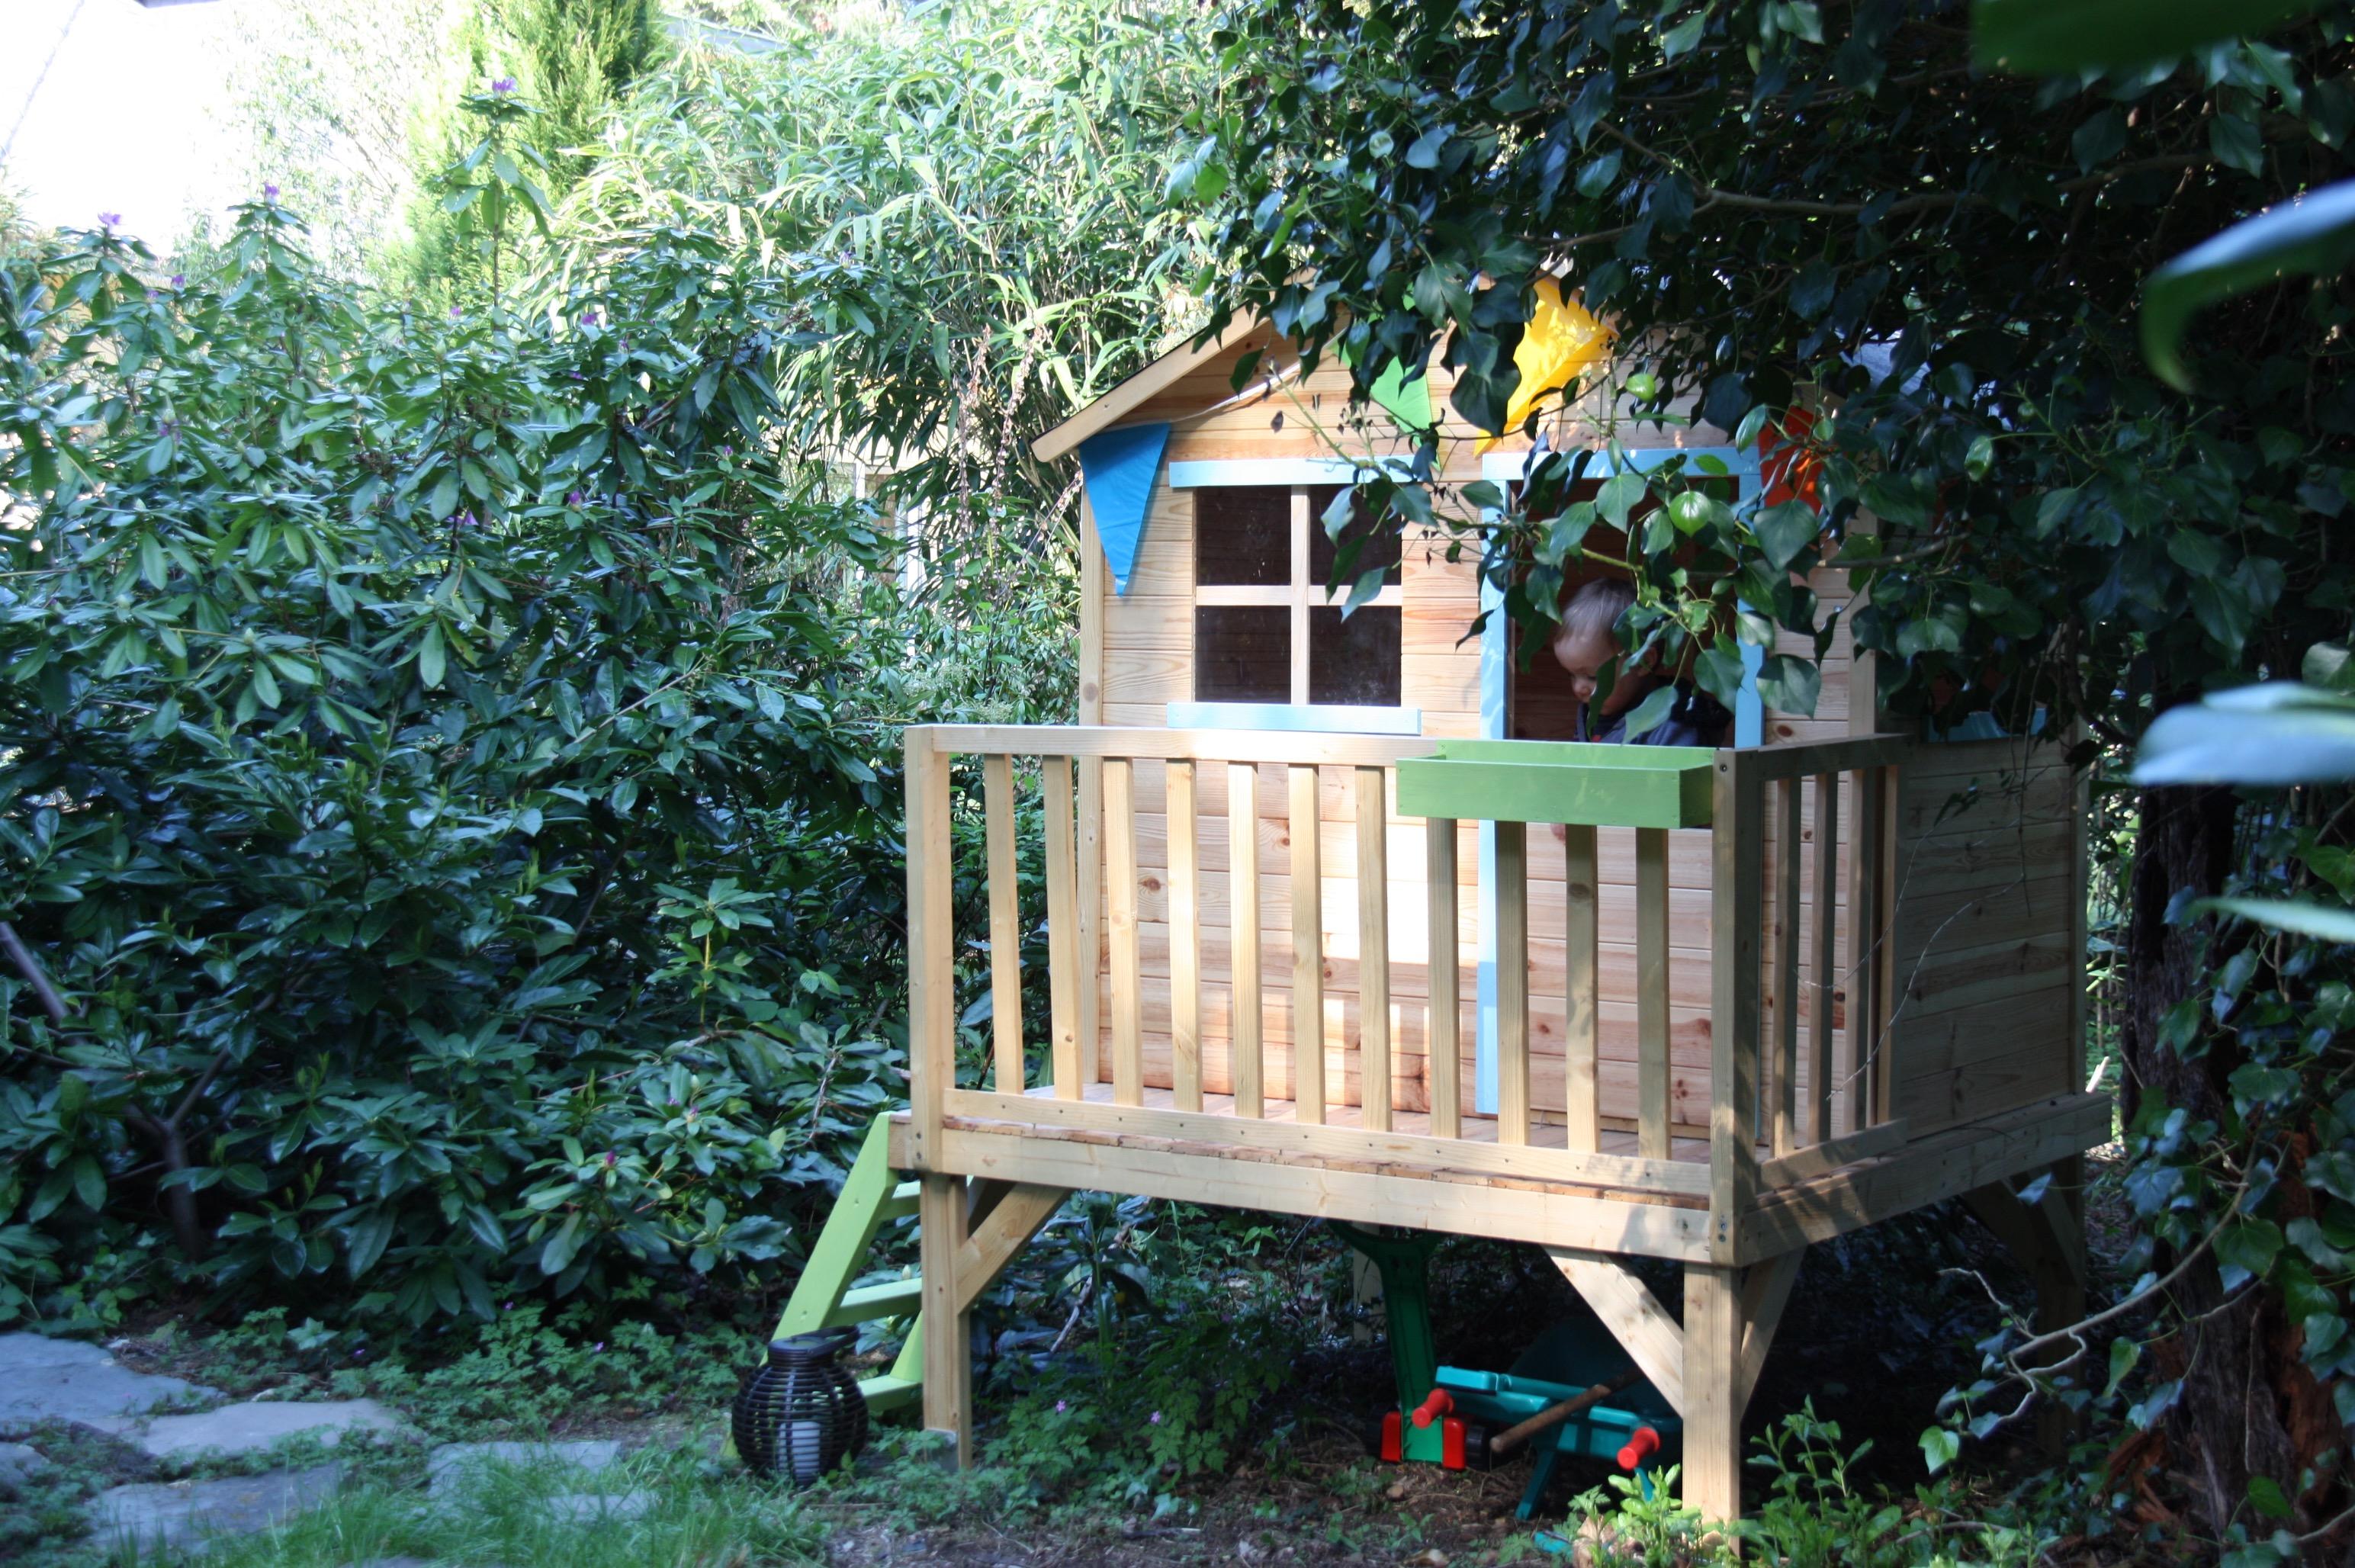 cabane pour enfants gwenadeco. Black Bedroom Furniture Sets. Home Design Ideas